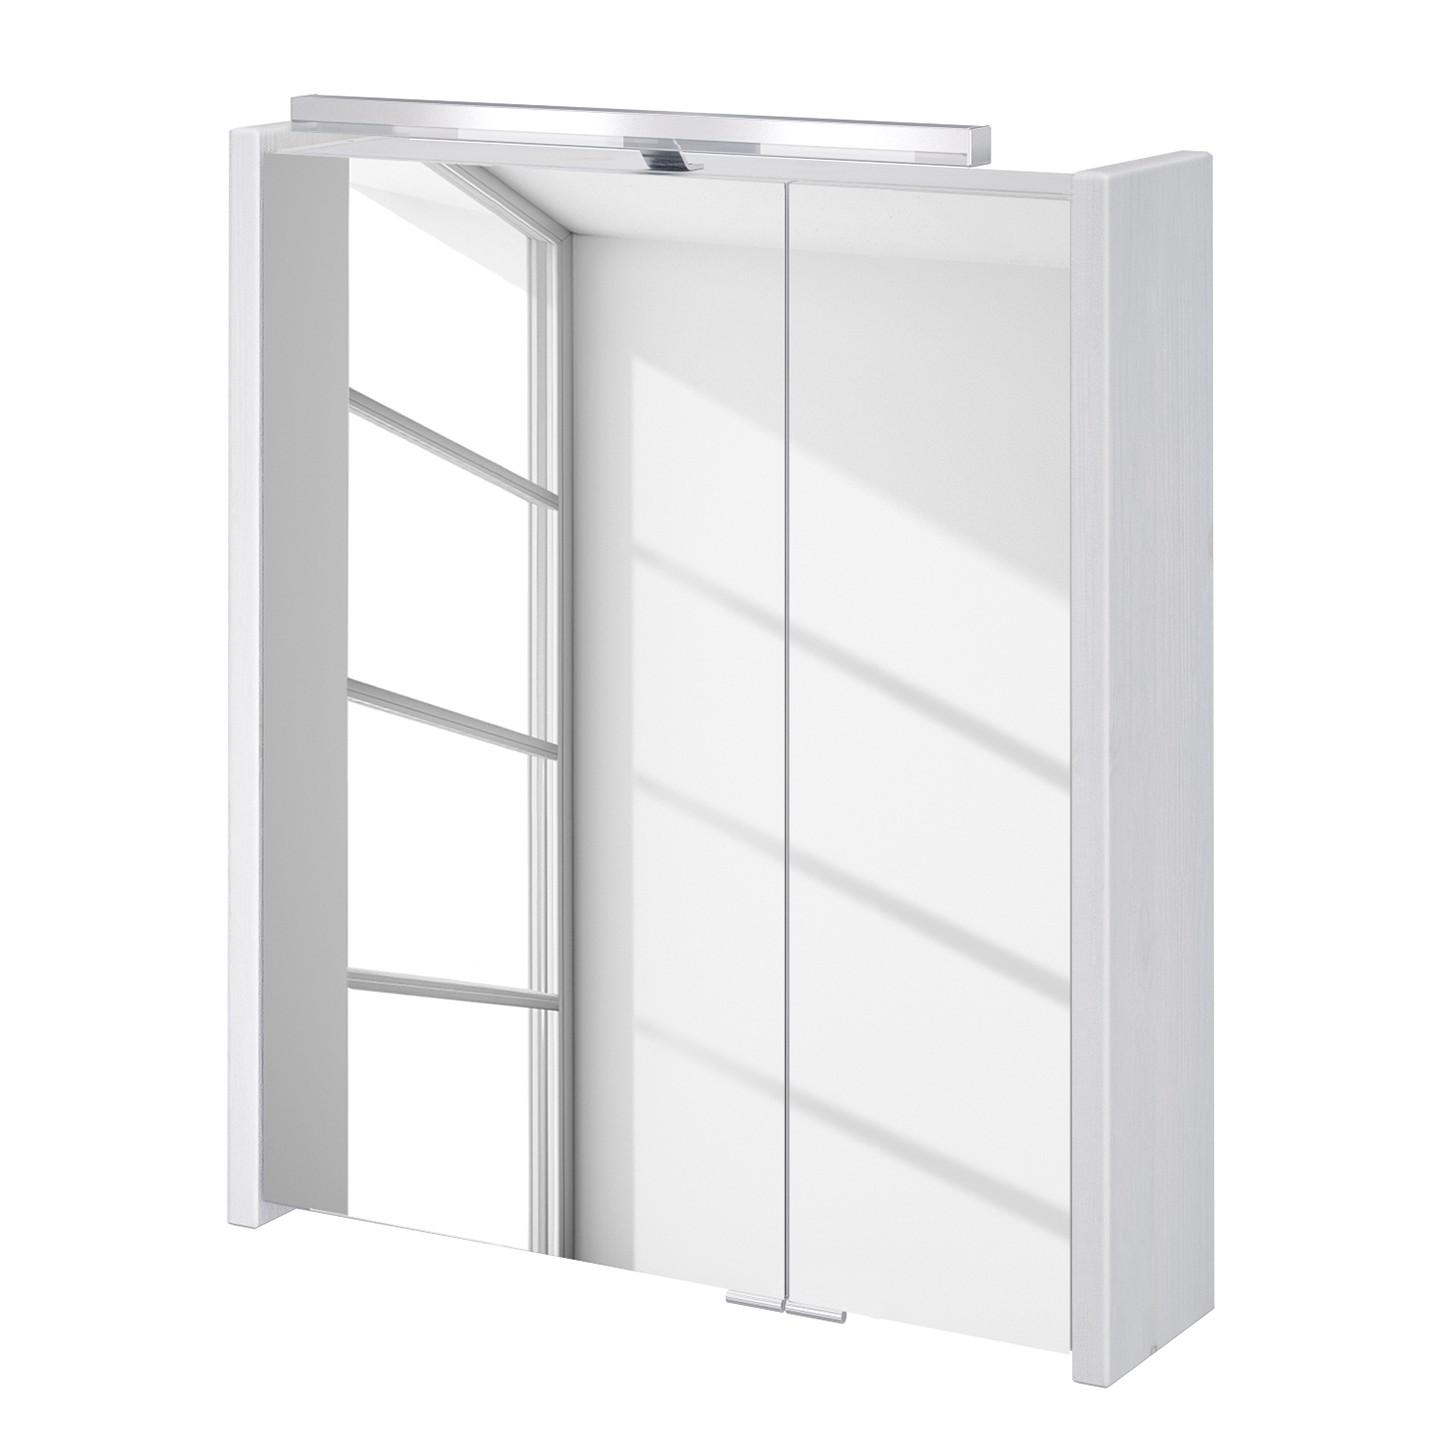 energia A+, Armadietto a specchio in legno massello Tramore (illuminazione inclusa) - Bianco, Schildmeyer